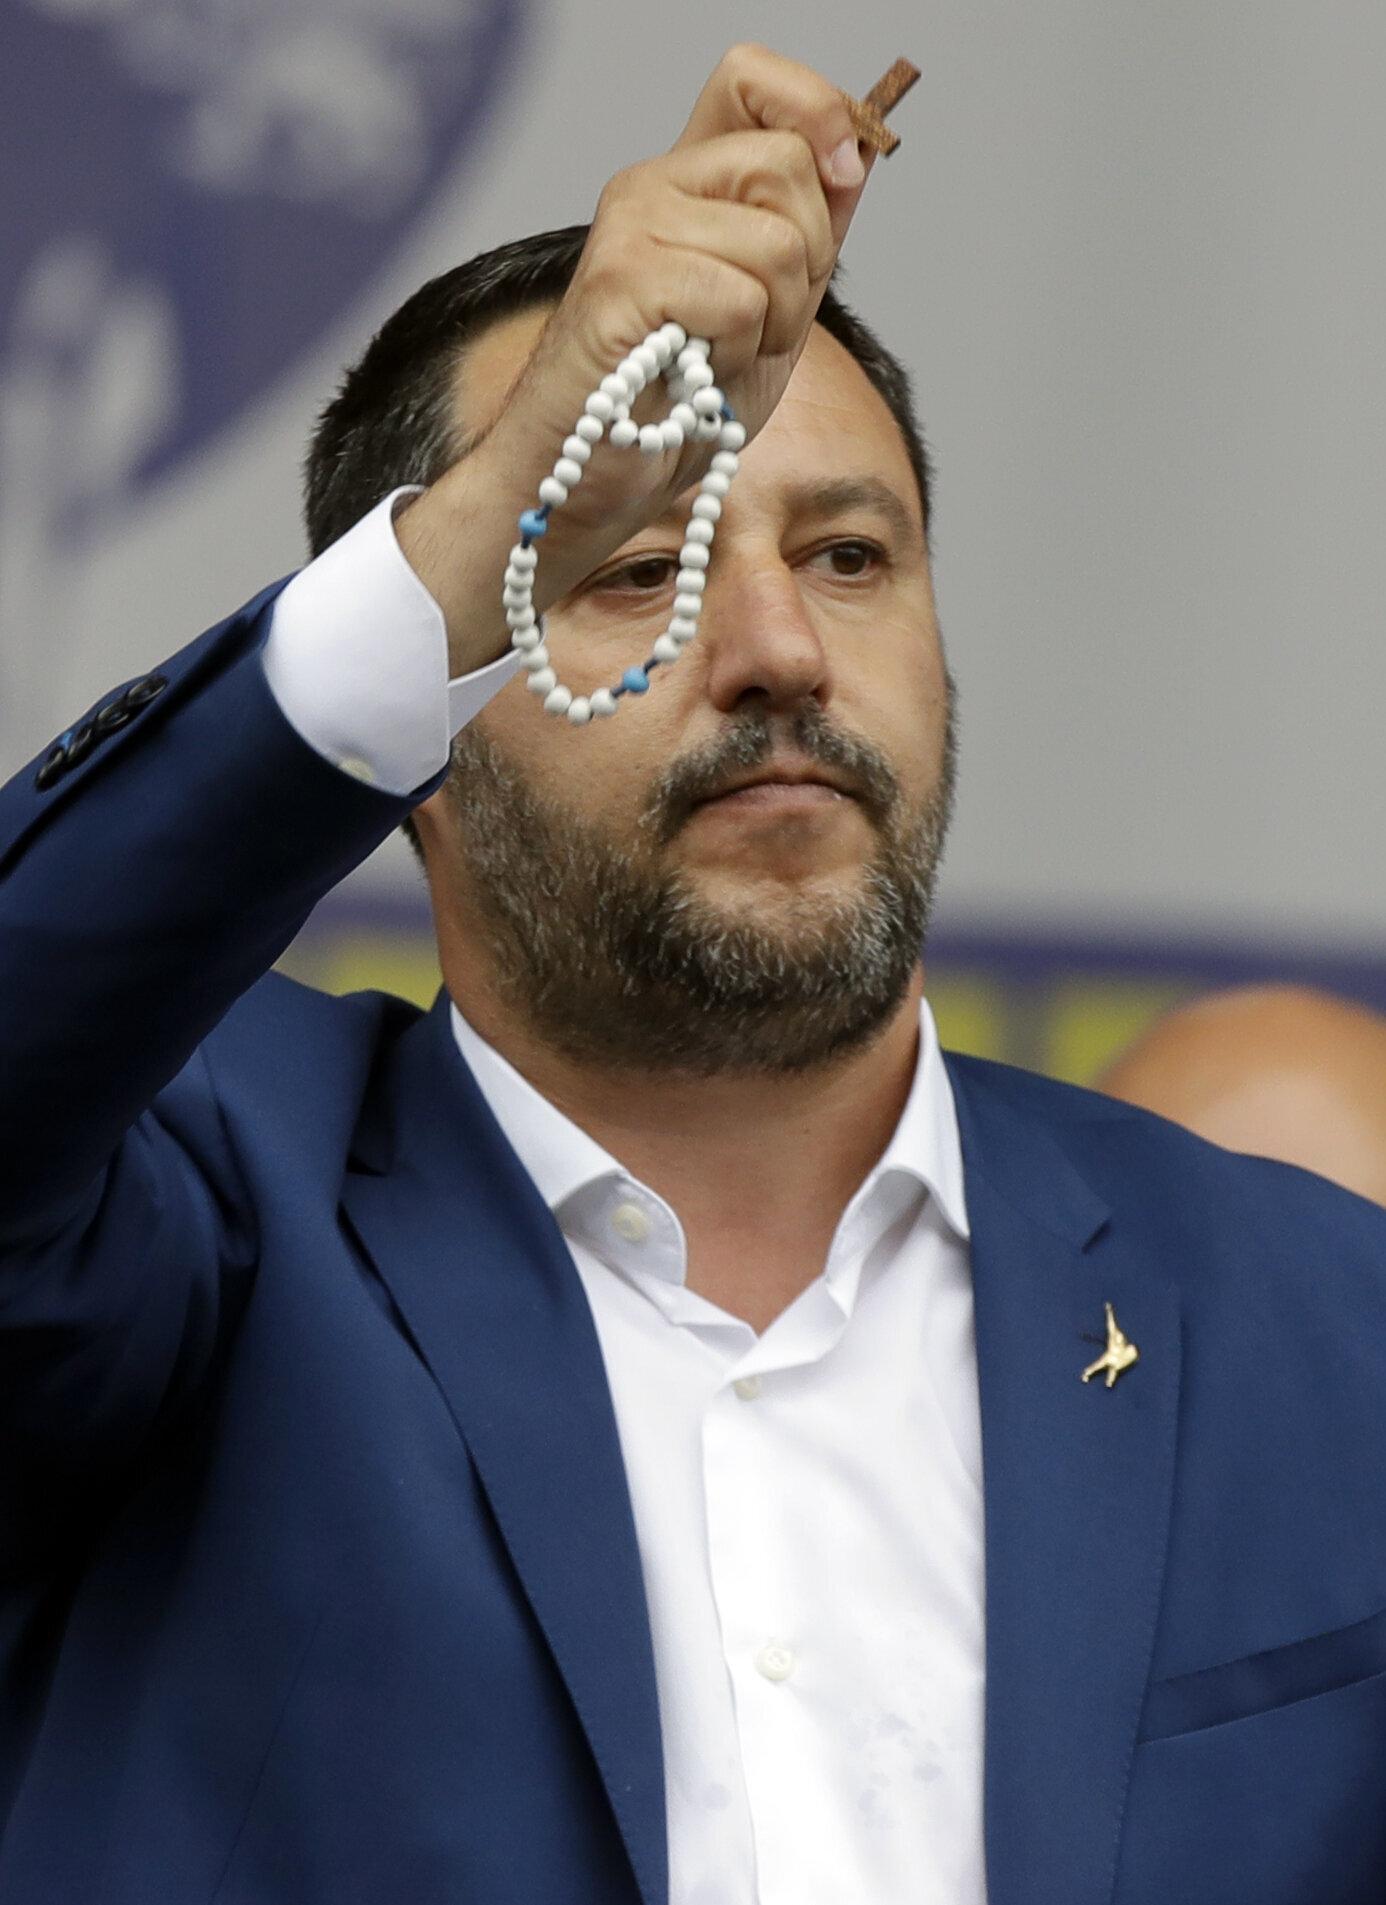 Ma vuoi vedere che Salvini non si sente più amato? (BLOG di Lucia